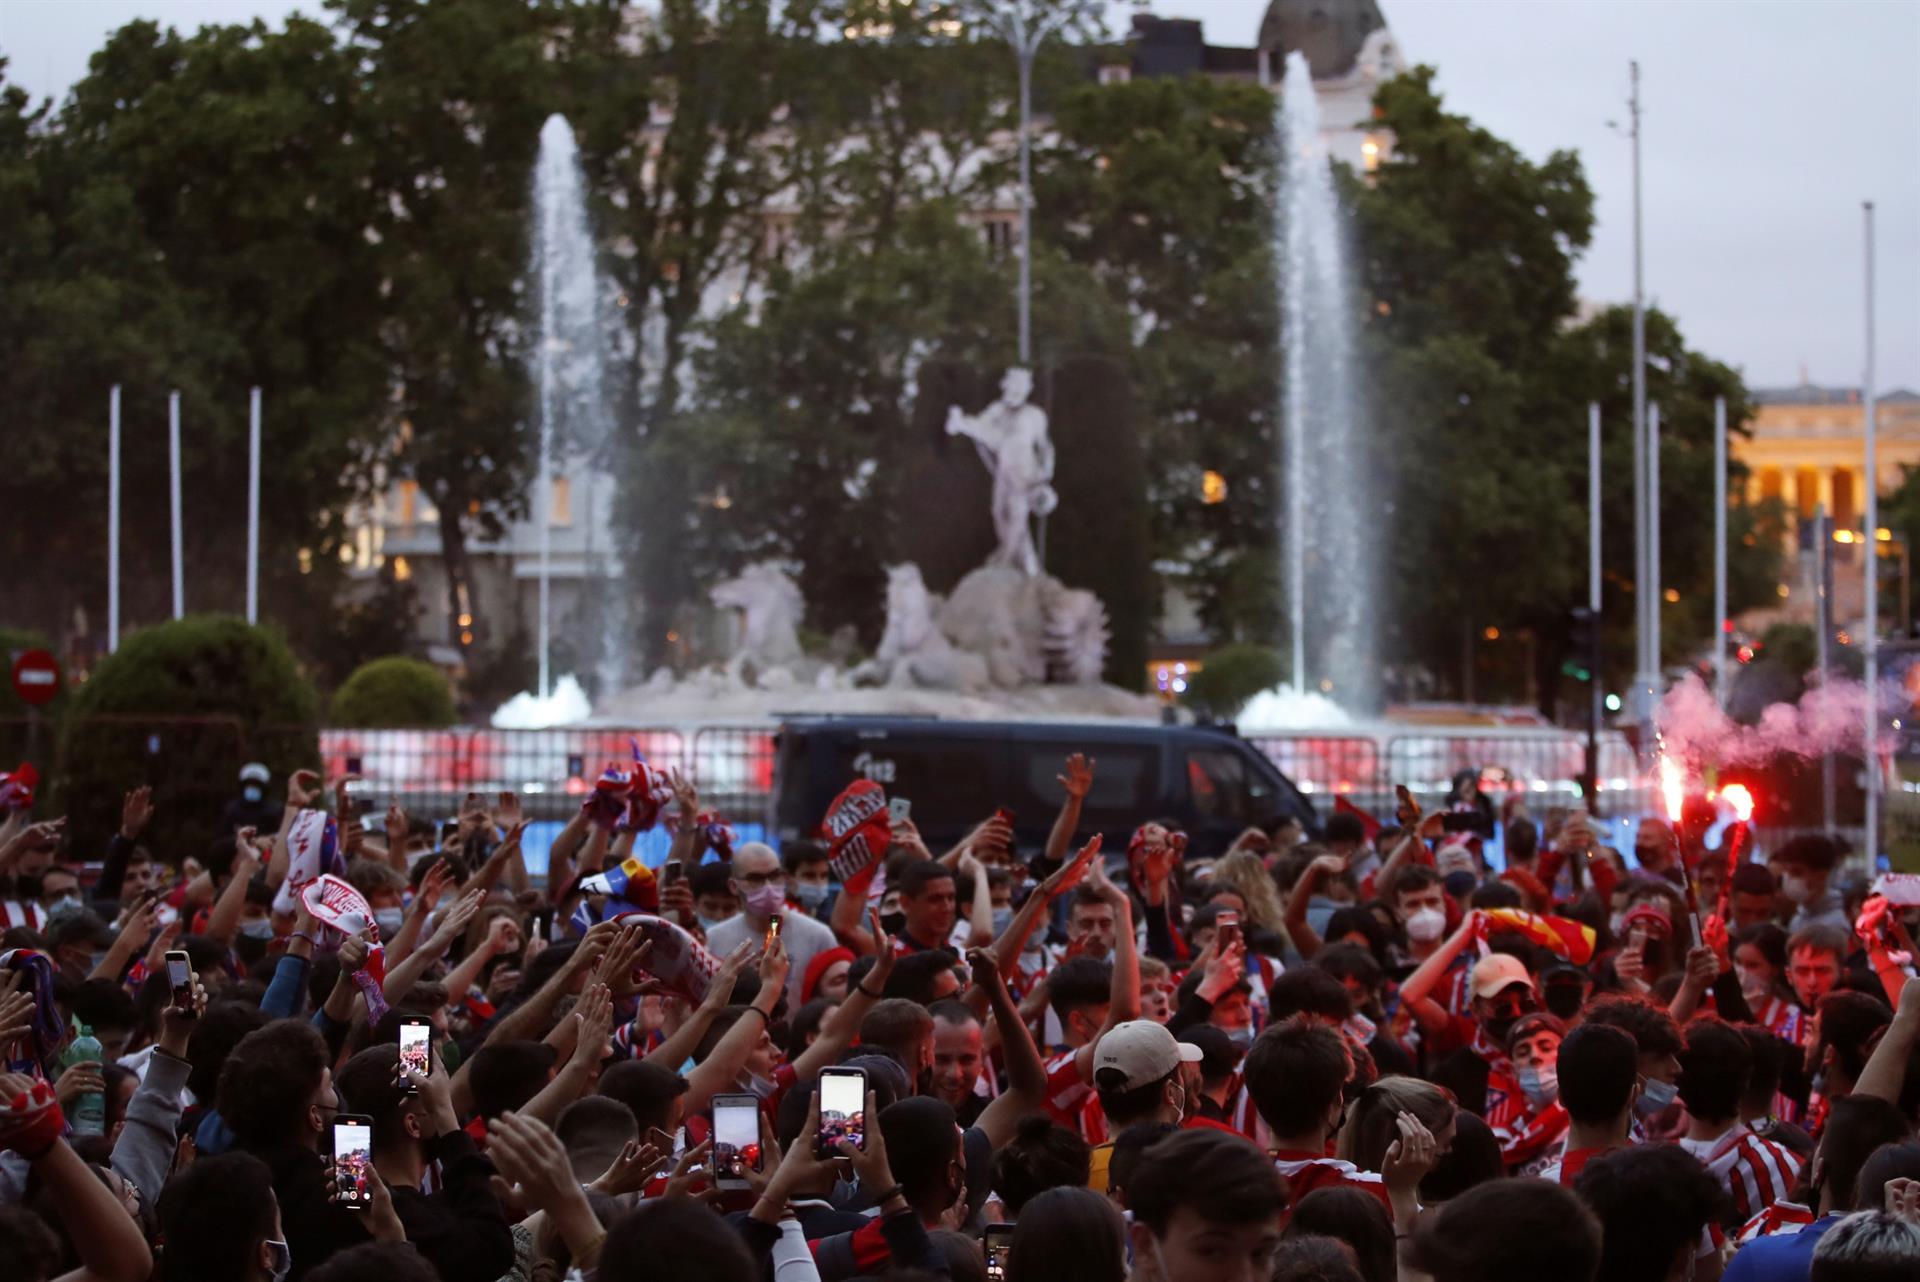 La afición del Atlético de Madrid celebra el título de Liga en la plaza de Neptuno.- EFE/Javier López